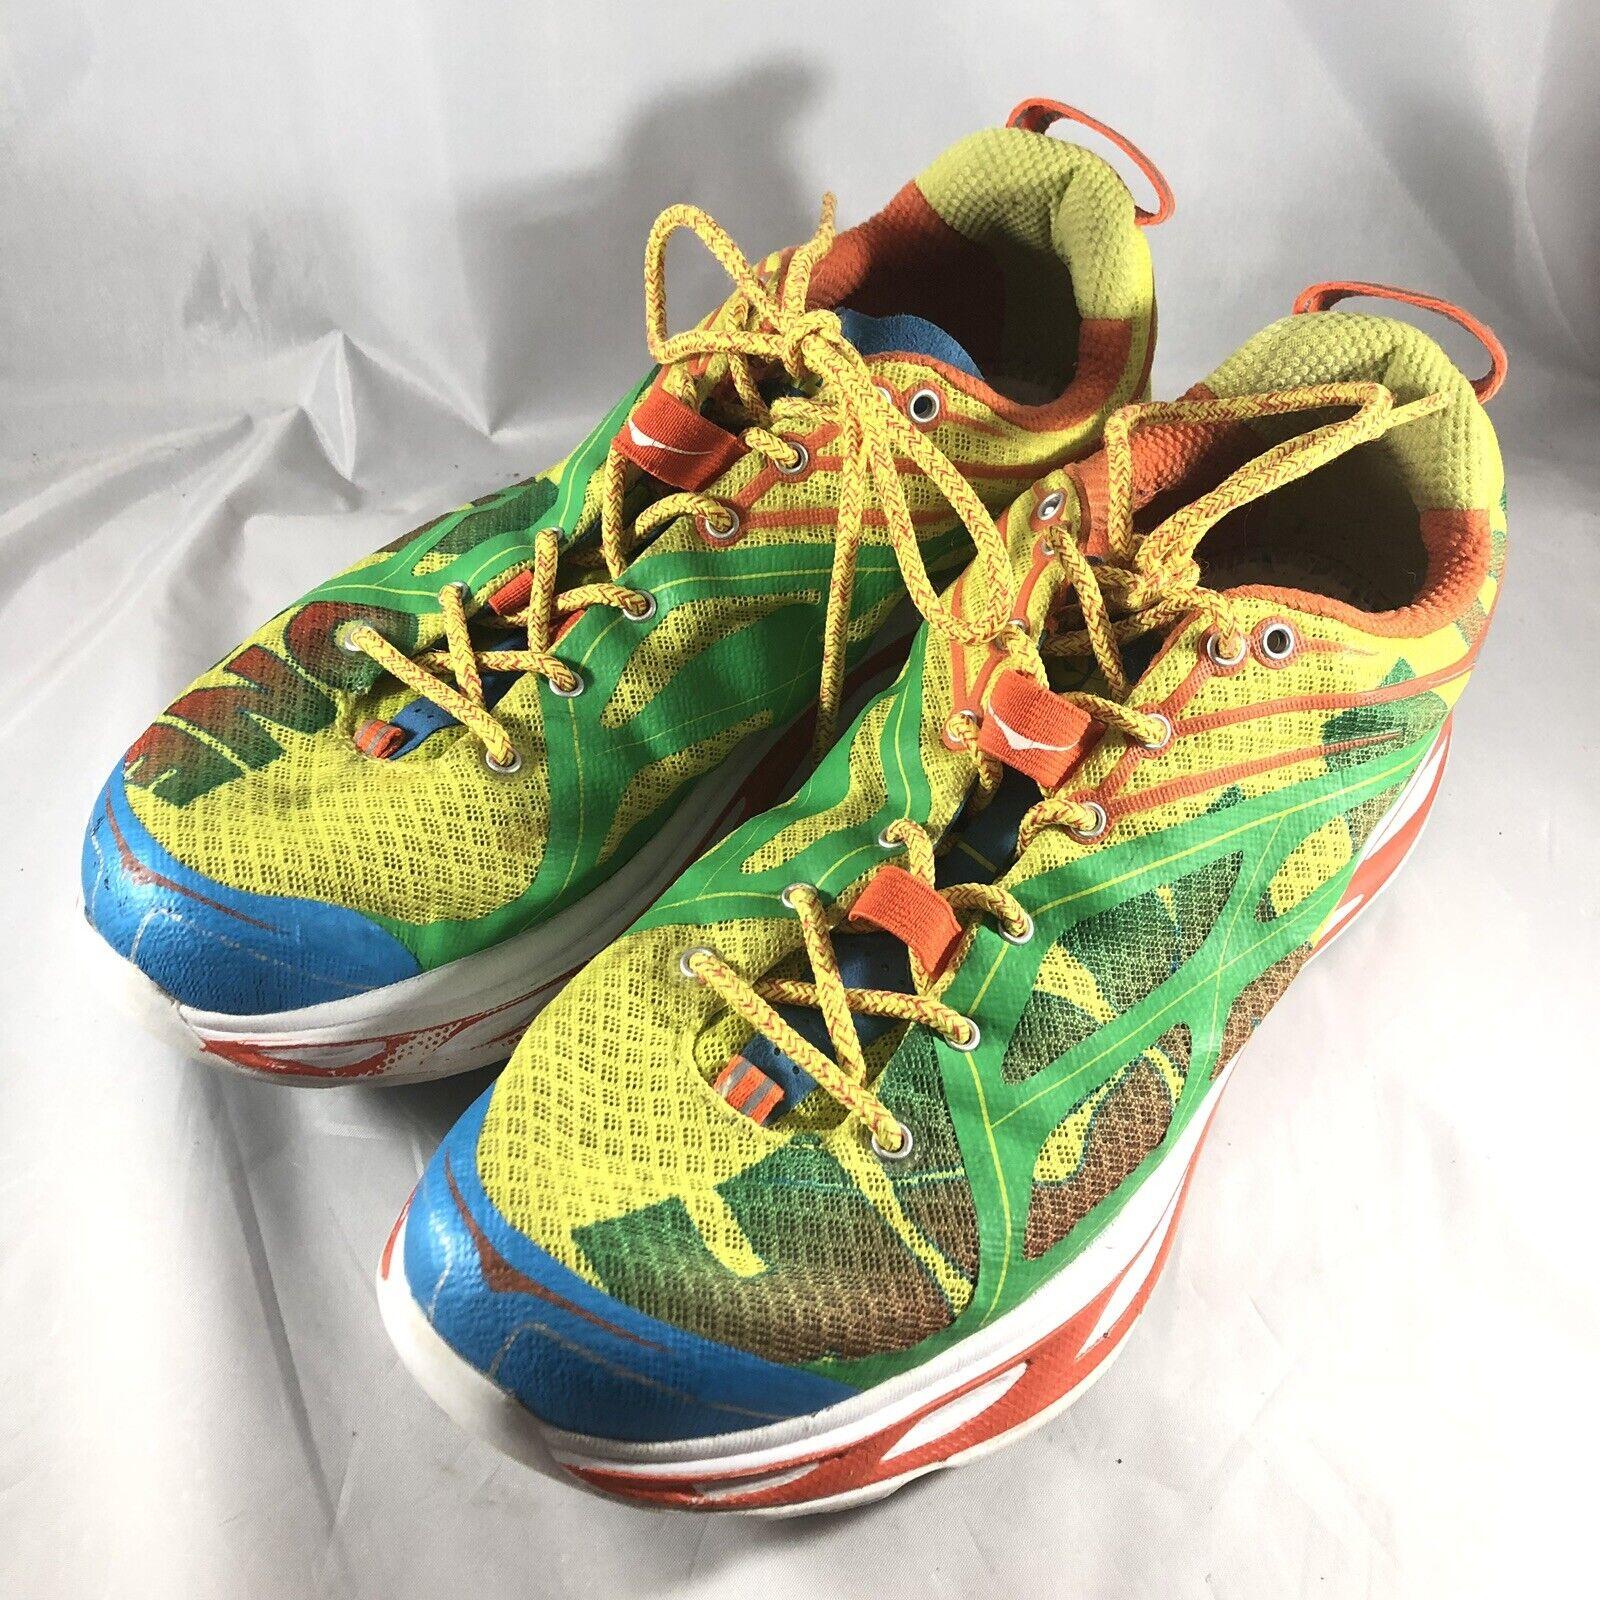 Hoka One One Mens Huaka Running Athletic  scarpe scarpe da ginnastica US 10 verde blu giallo  con il 100% di qualità e il 100% di servizio